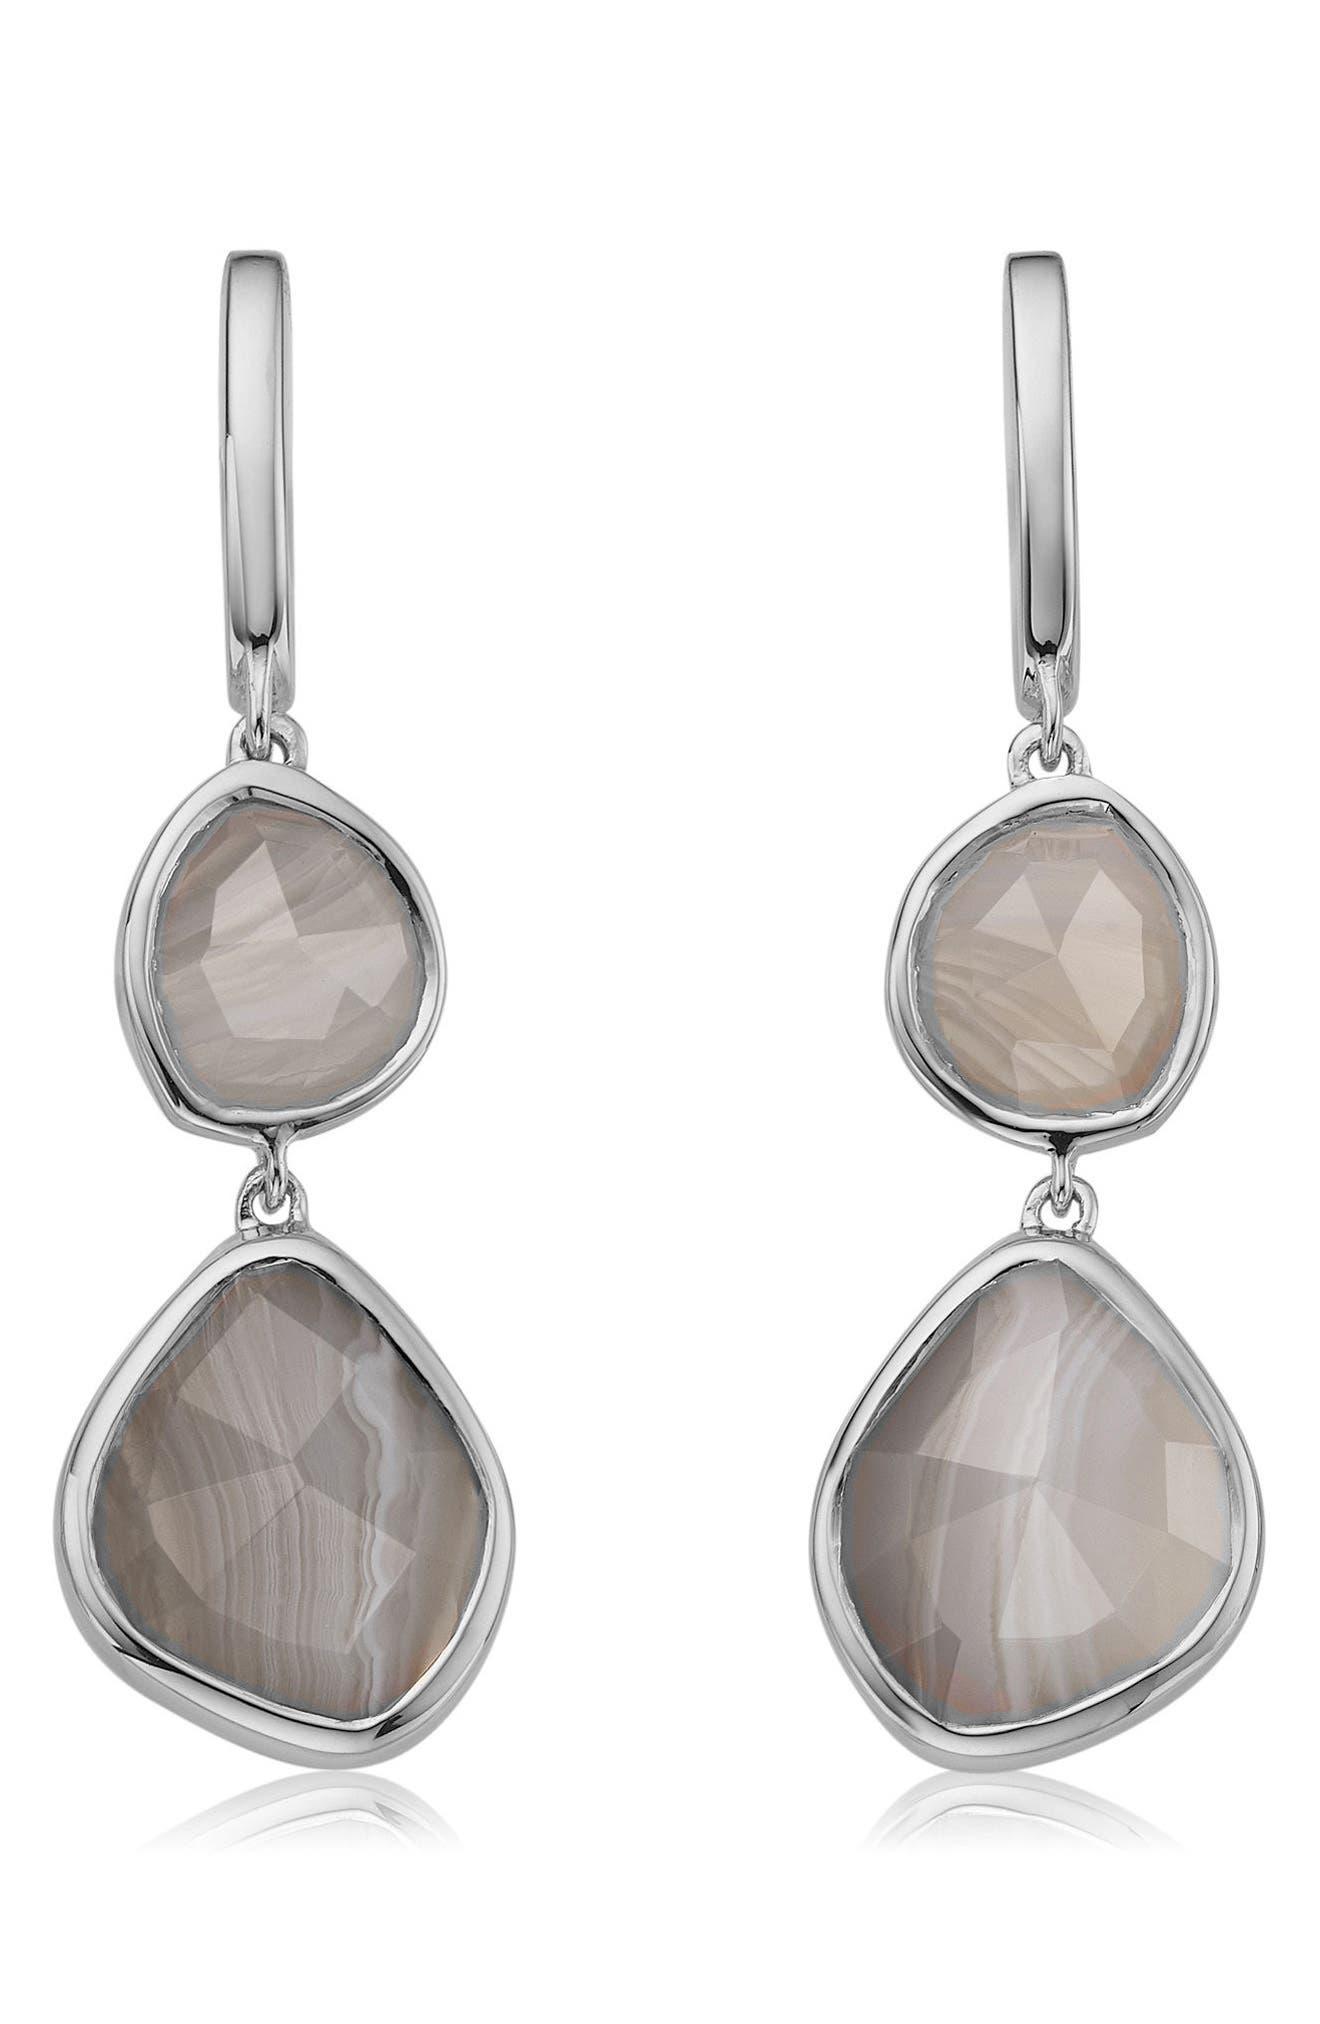 Siren Nugget Semiprecious Stone Drop Earrings,                             Main thumbnail 1, color,